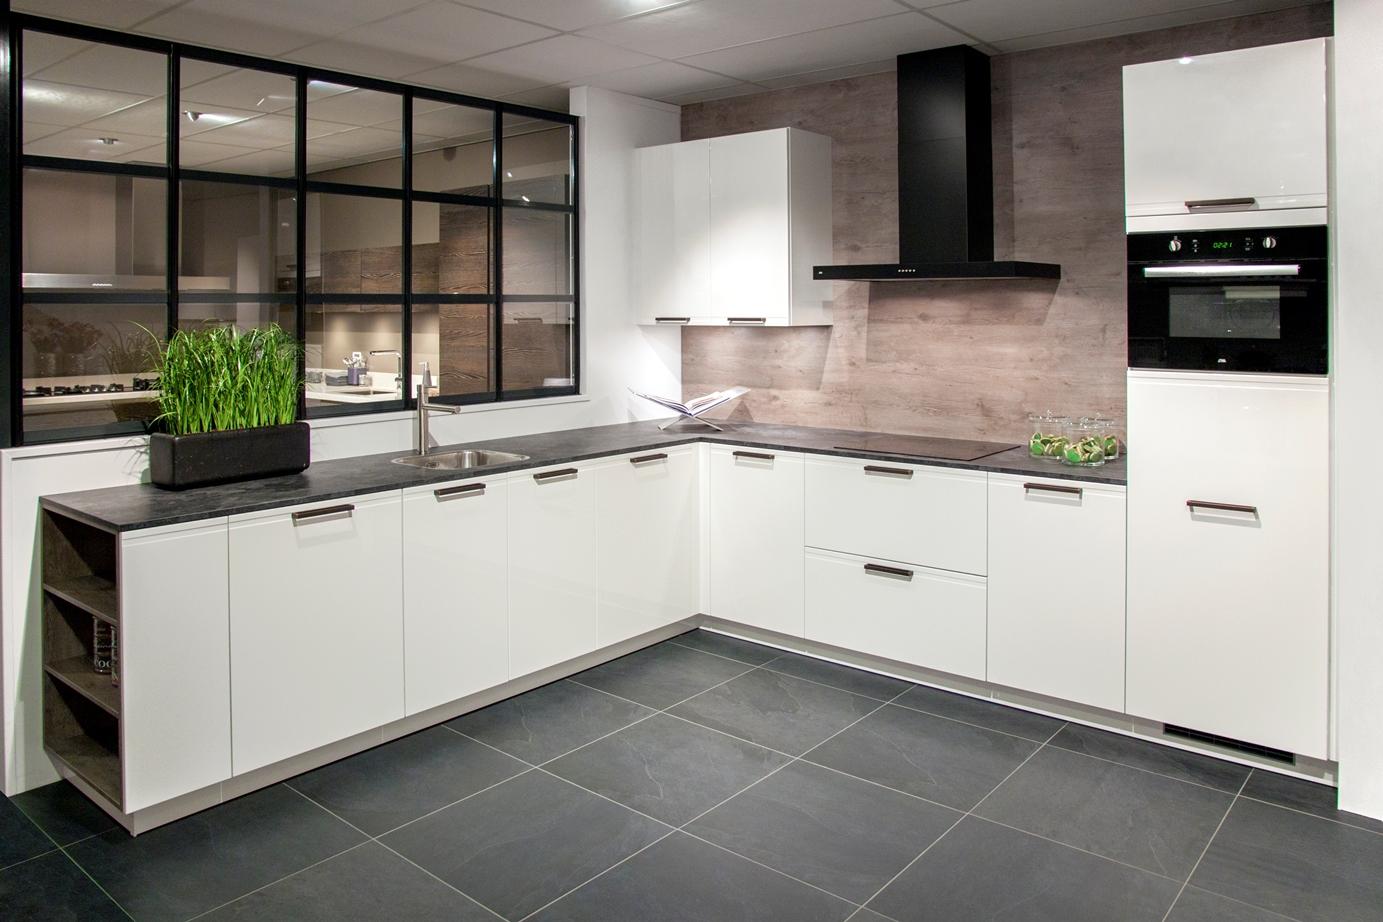 Keuken uitverkoop showroom keukens in uitverkoop keuken centrum - Centrum eiland keuken ...